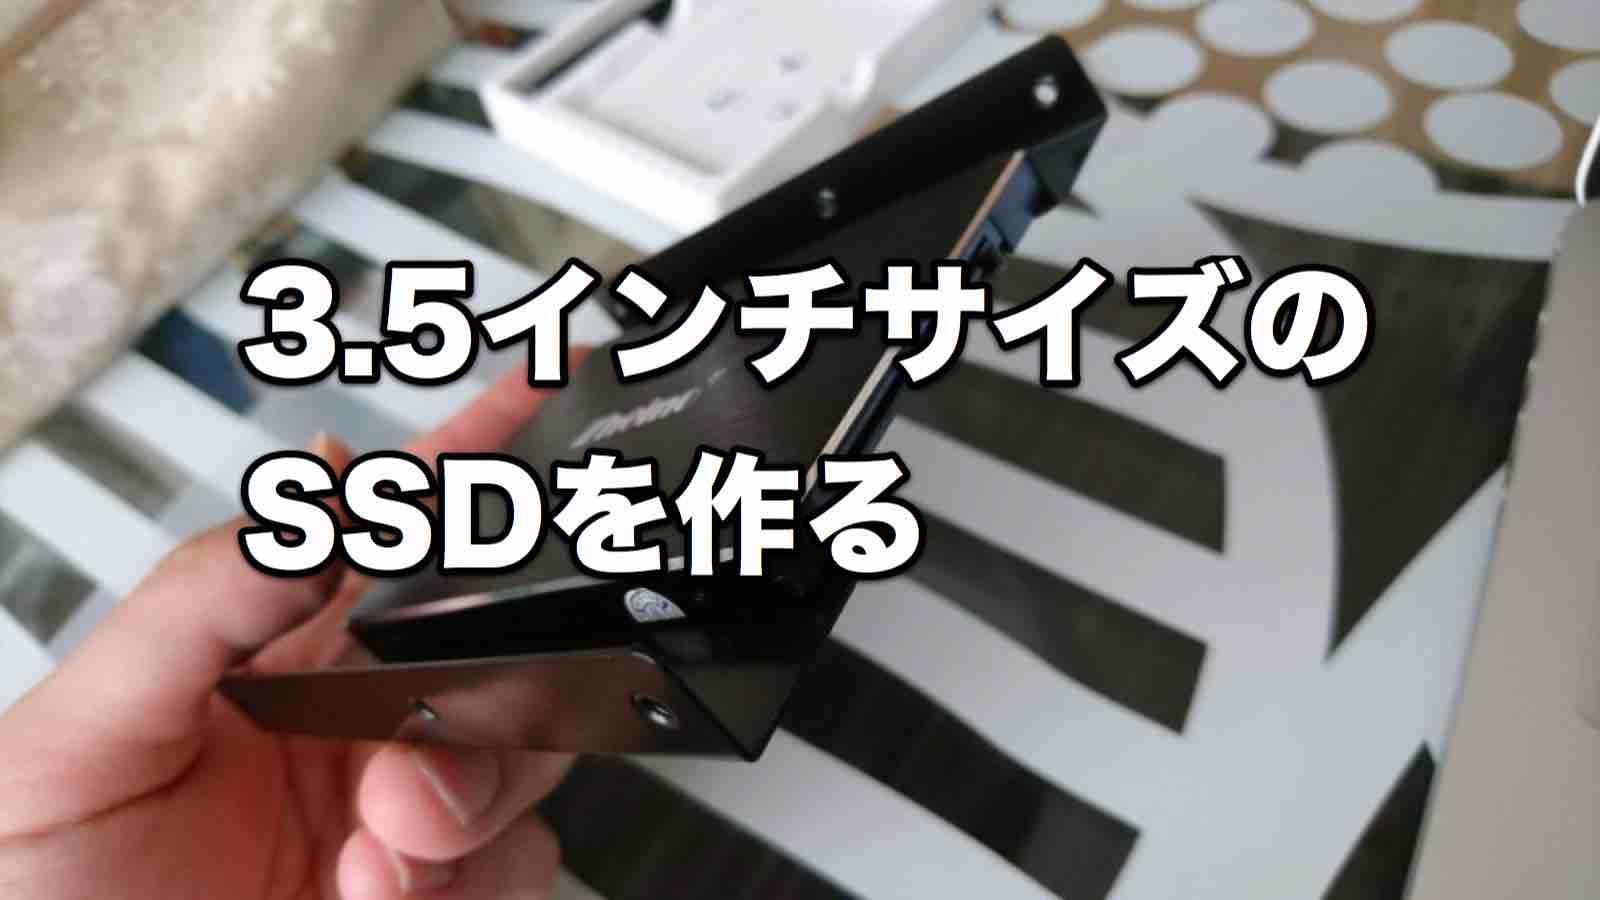 3.5インチのSSDを作ってデスクトップPCにつけてみた